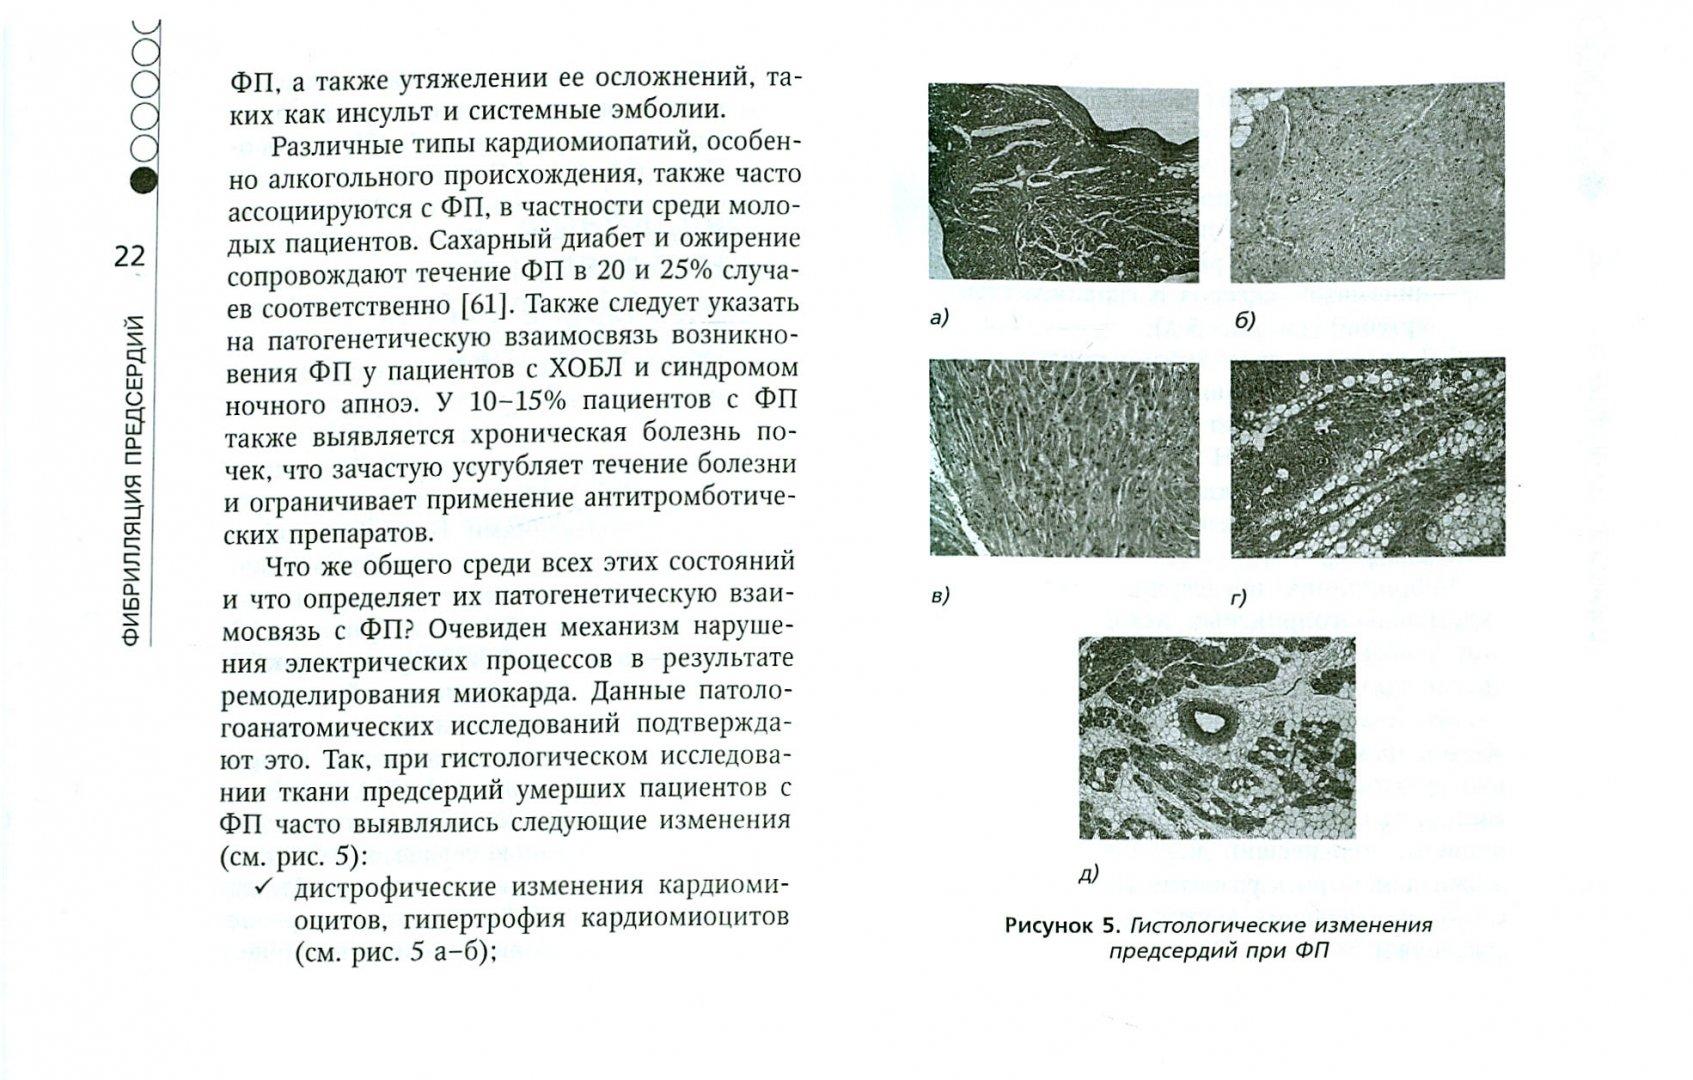 Иллюстрация 1 из 18 для Фибрилляция предсердий - Аркадий Верткин   Лабиринт - книги. Источник: Лабиринт